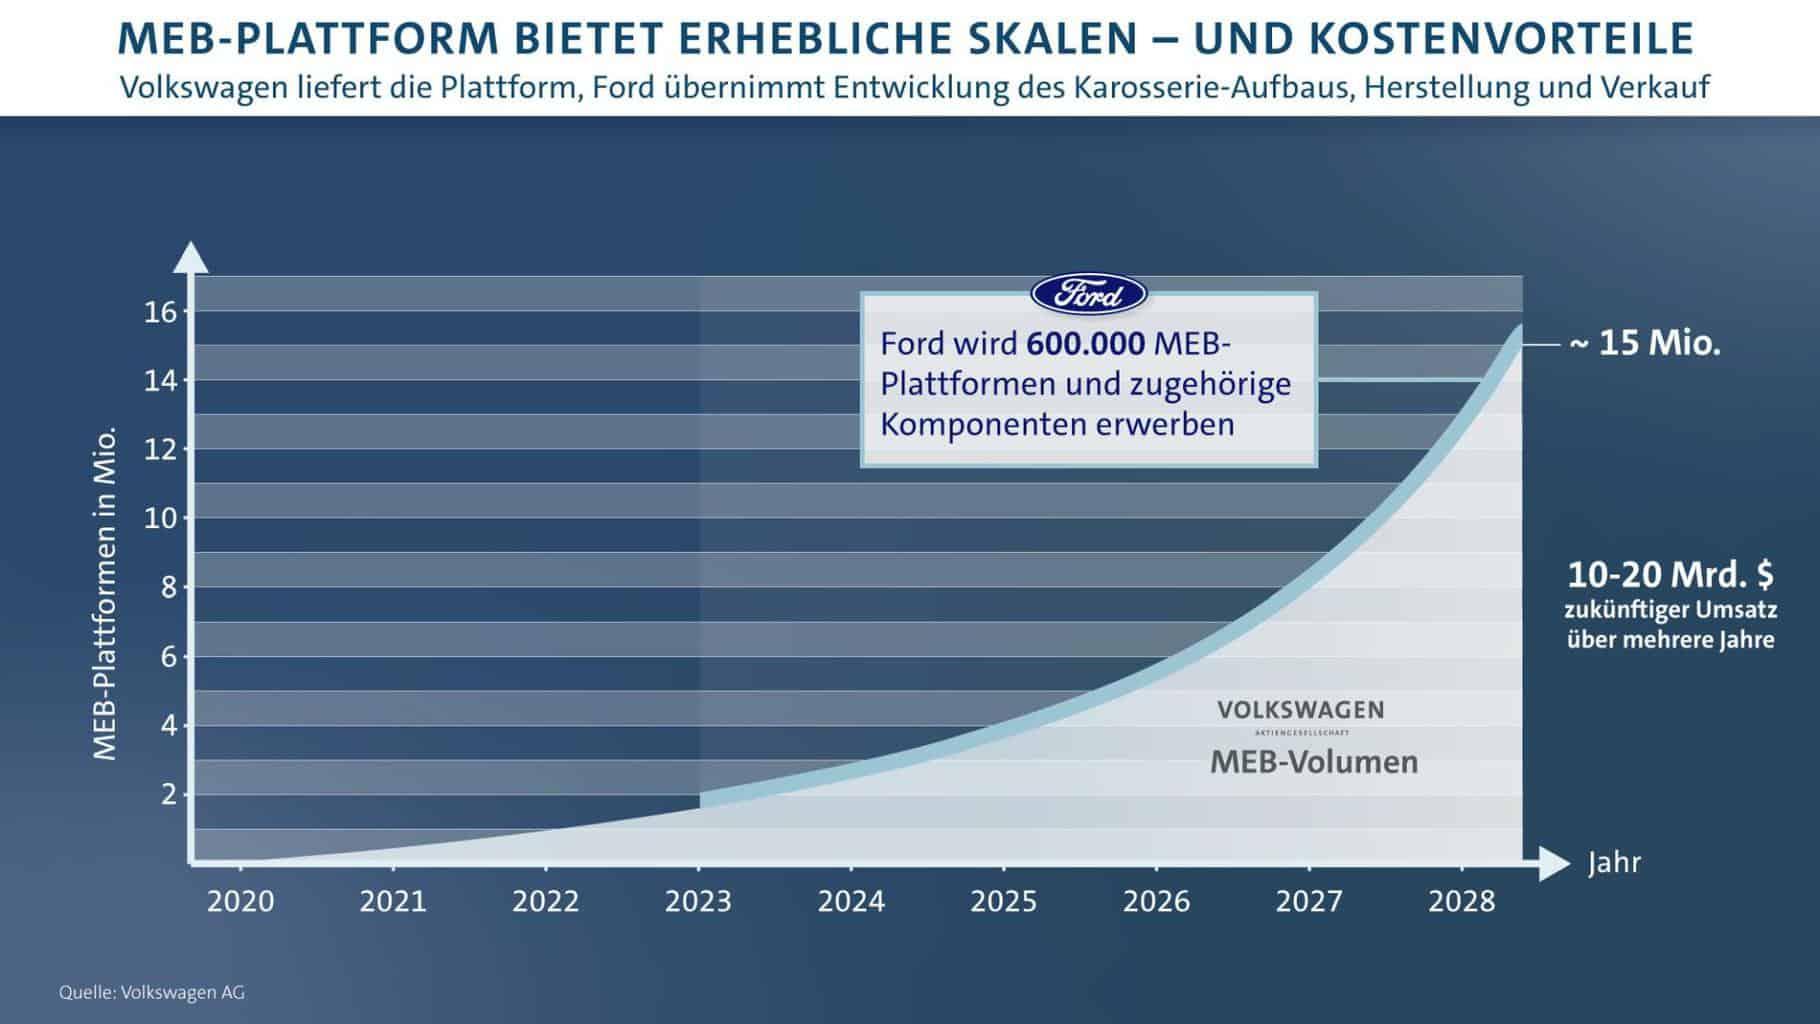 Ford wird ein Elektrofahrzeug für Europa bauen auf Basis des Modularen E-Antriebskastens (MEB) von Volkswagen – ab 2023 sollen innerhalb von mehreren Jahren mehr als 600.000 Einheiten produziert werden